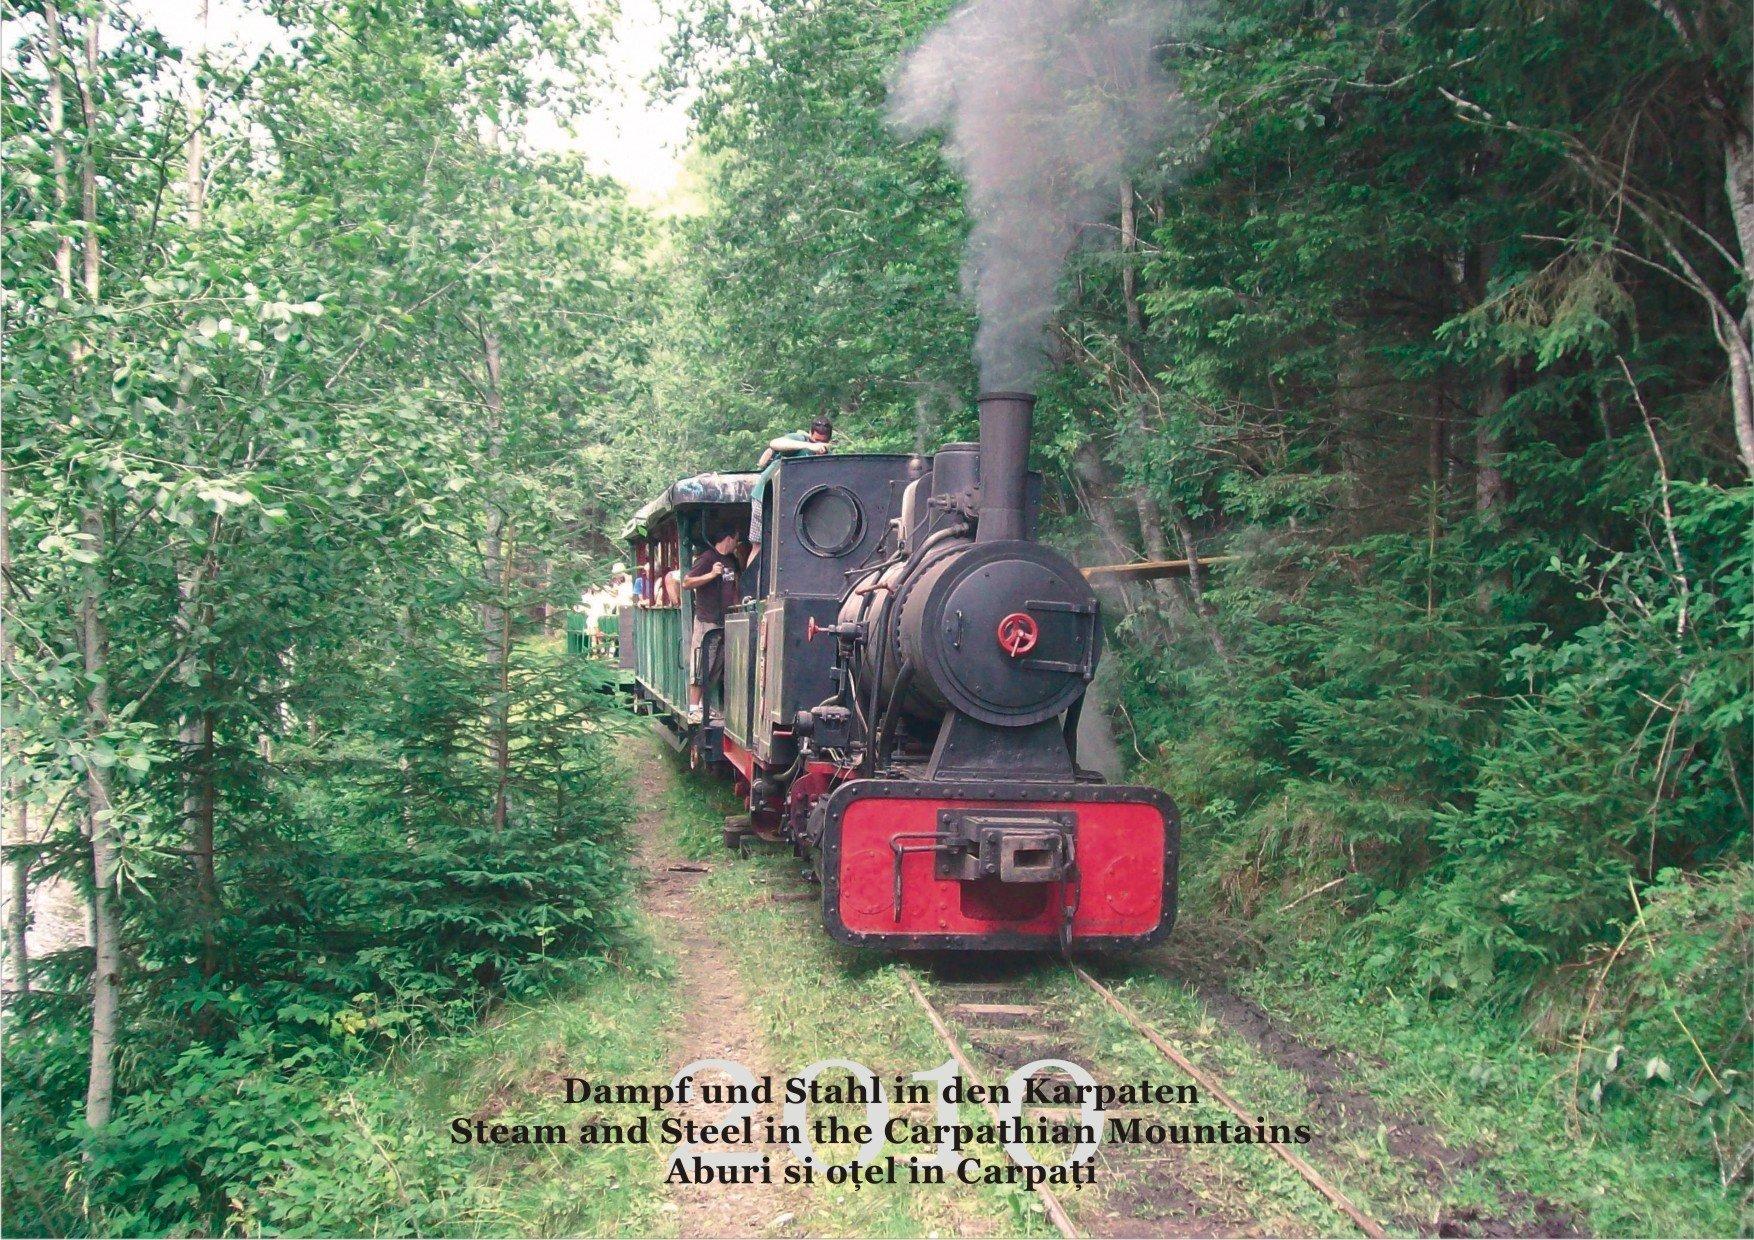 dampf-und-stahl-in-den-karpaten-2010-wandkalender-historische-loks-und-zge-in-rumnien